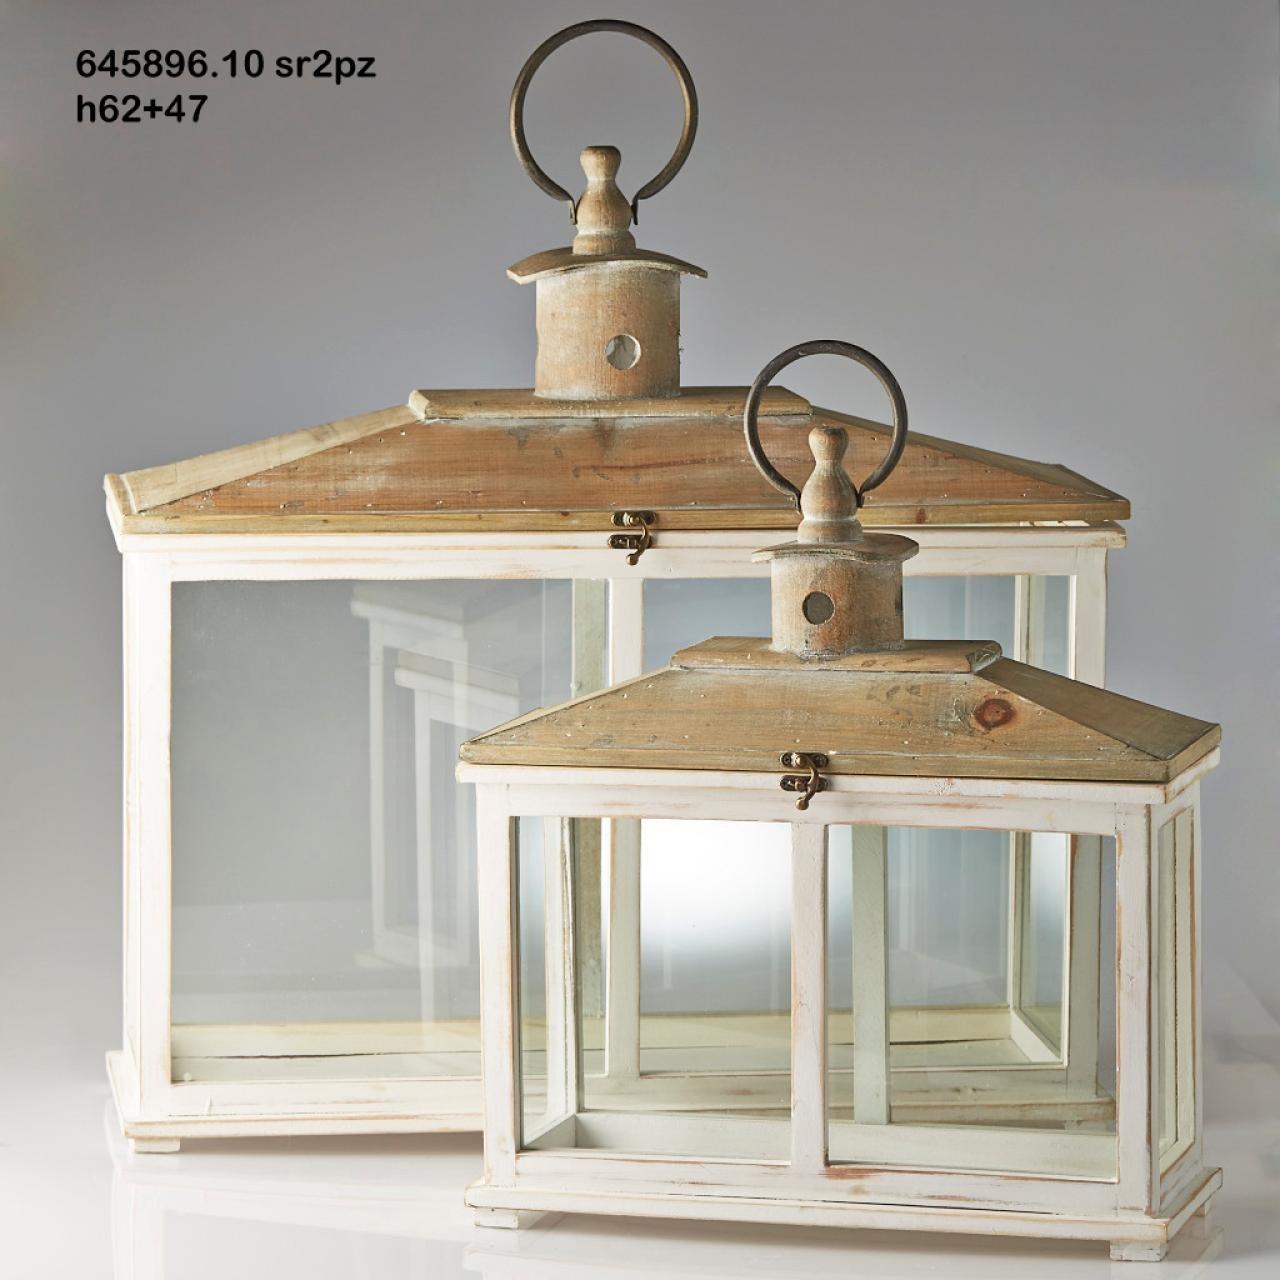 Lanterna grande in legno con tetto for Lanterne in legno